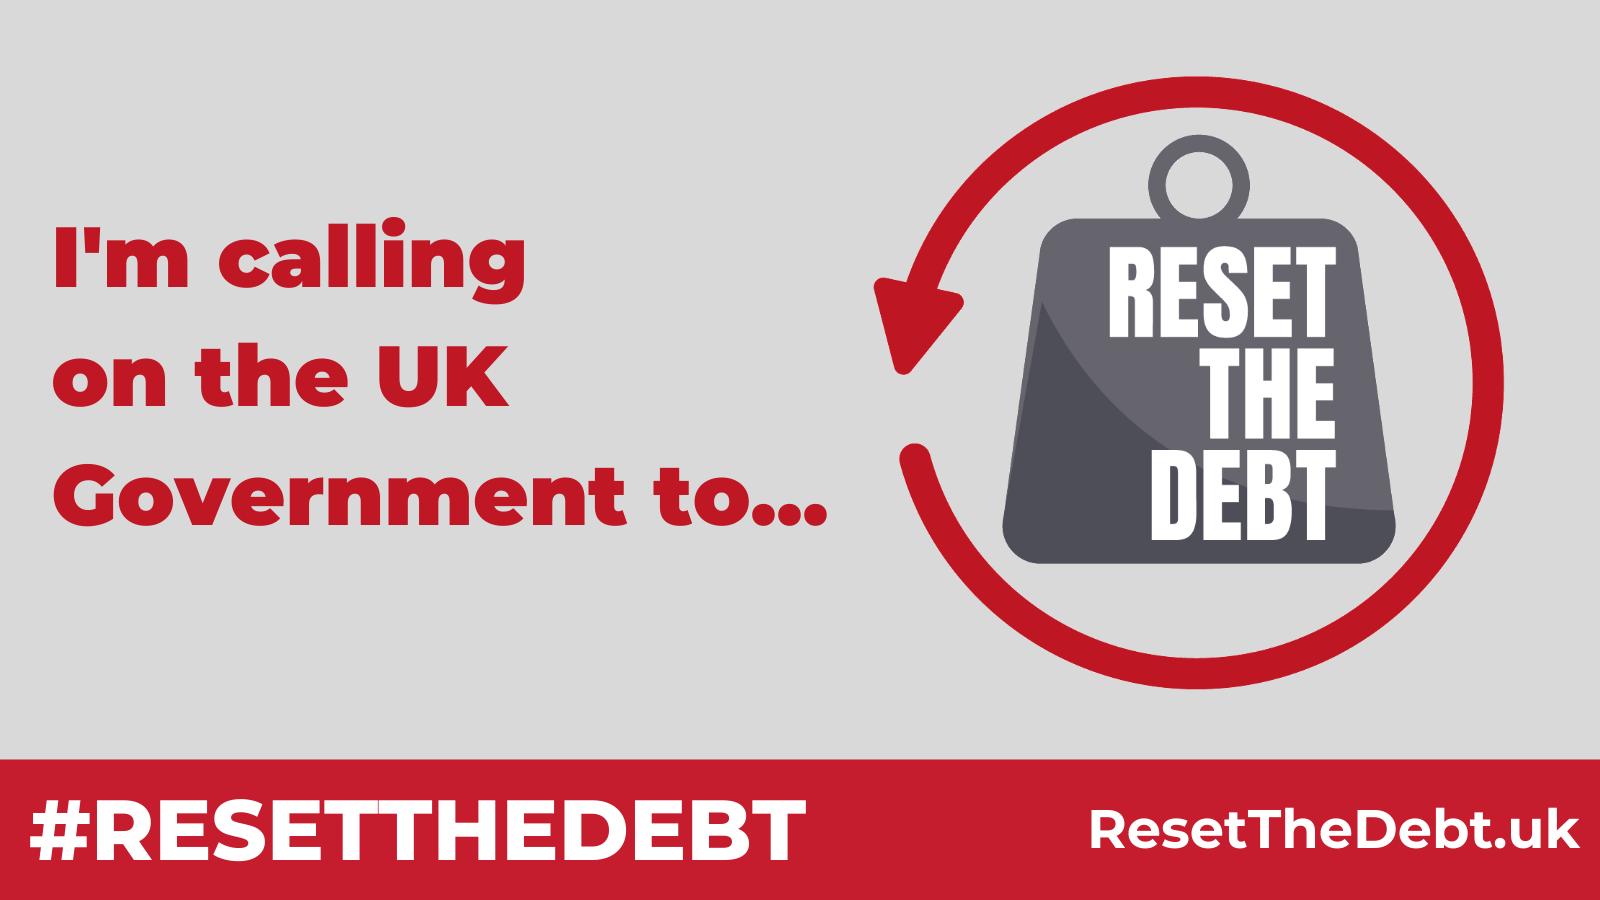 Reset the Debt